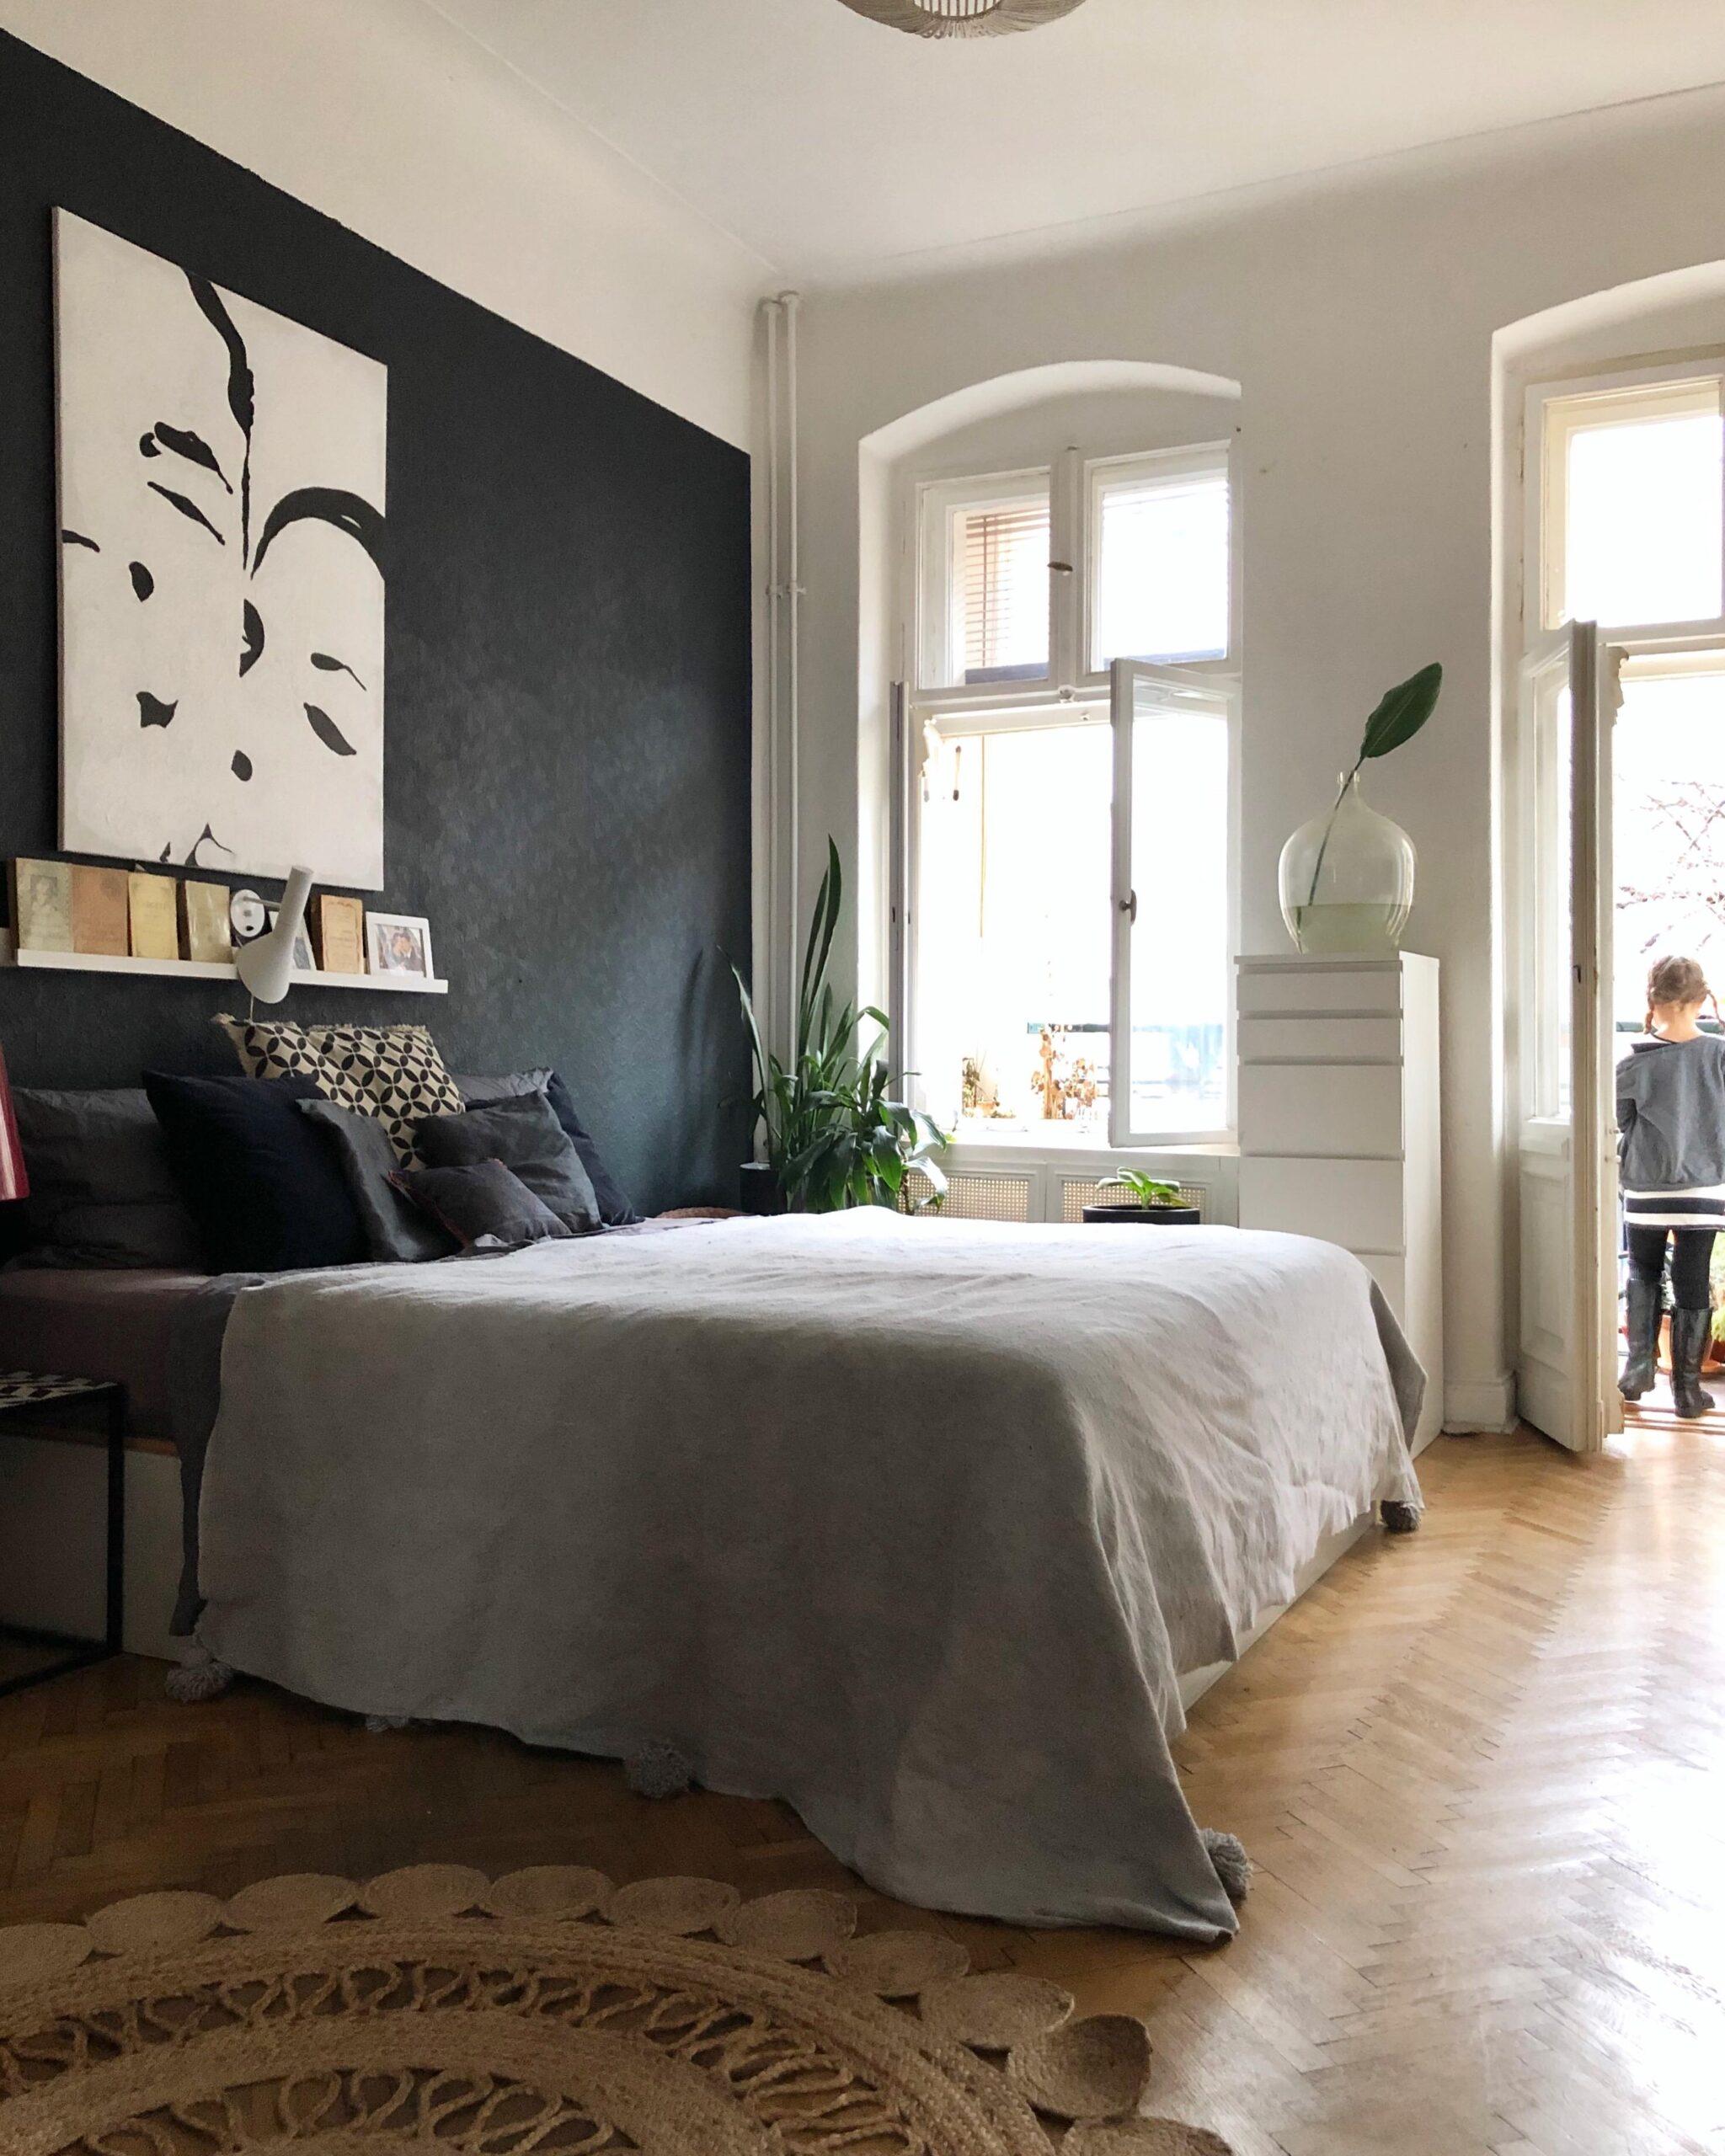 Full Size of Wanddeko Schlafzimmer Deko So Machst Du Es Dir Gemtlich Deckenleuchten Landhaus Komplett Weiß Küche Tapeten Guenstig Günstig Weißes Set Teppich Wohnzimmer Wanddeko Schlafzimmer